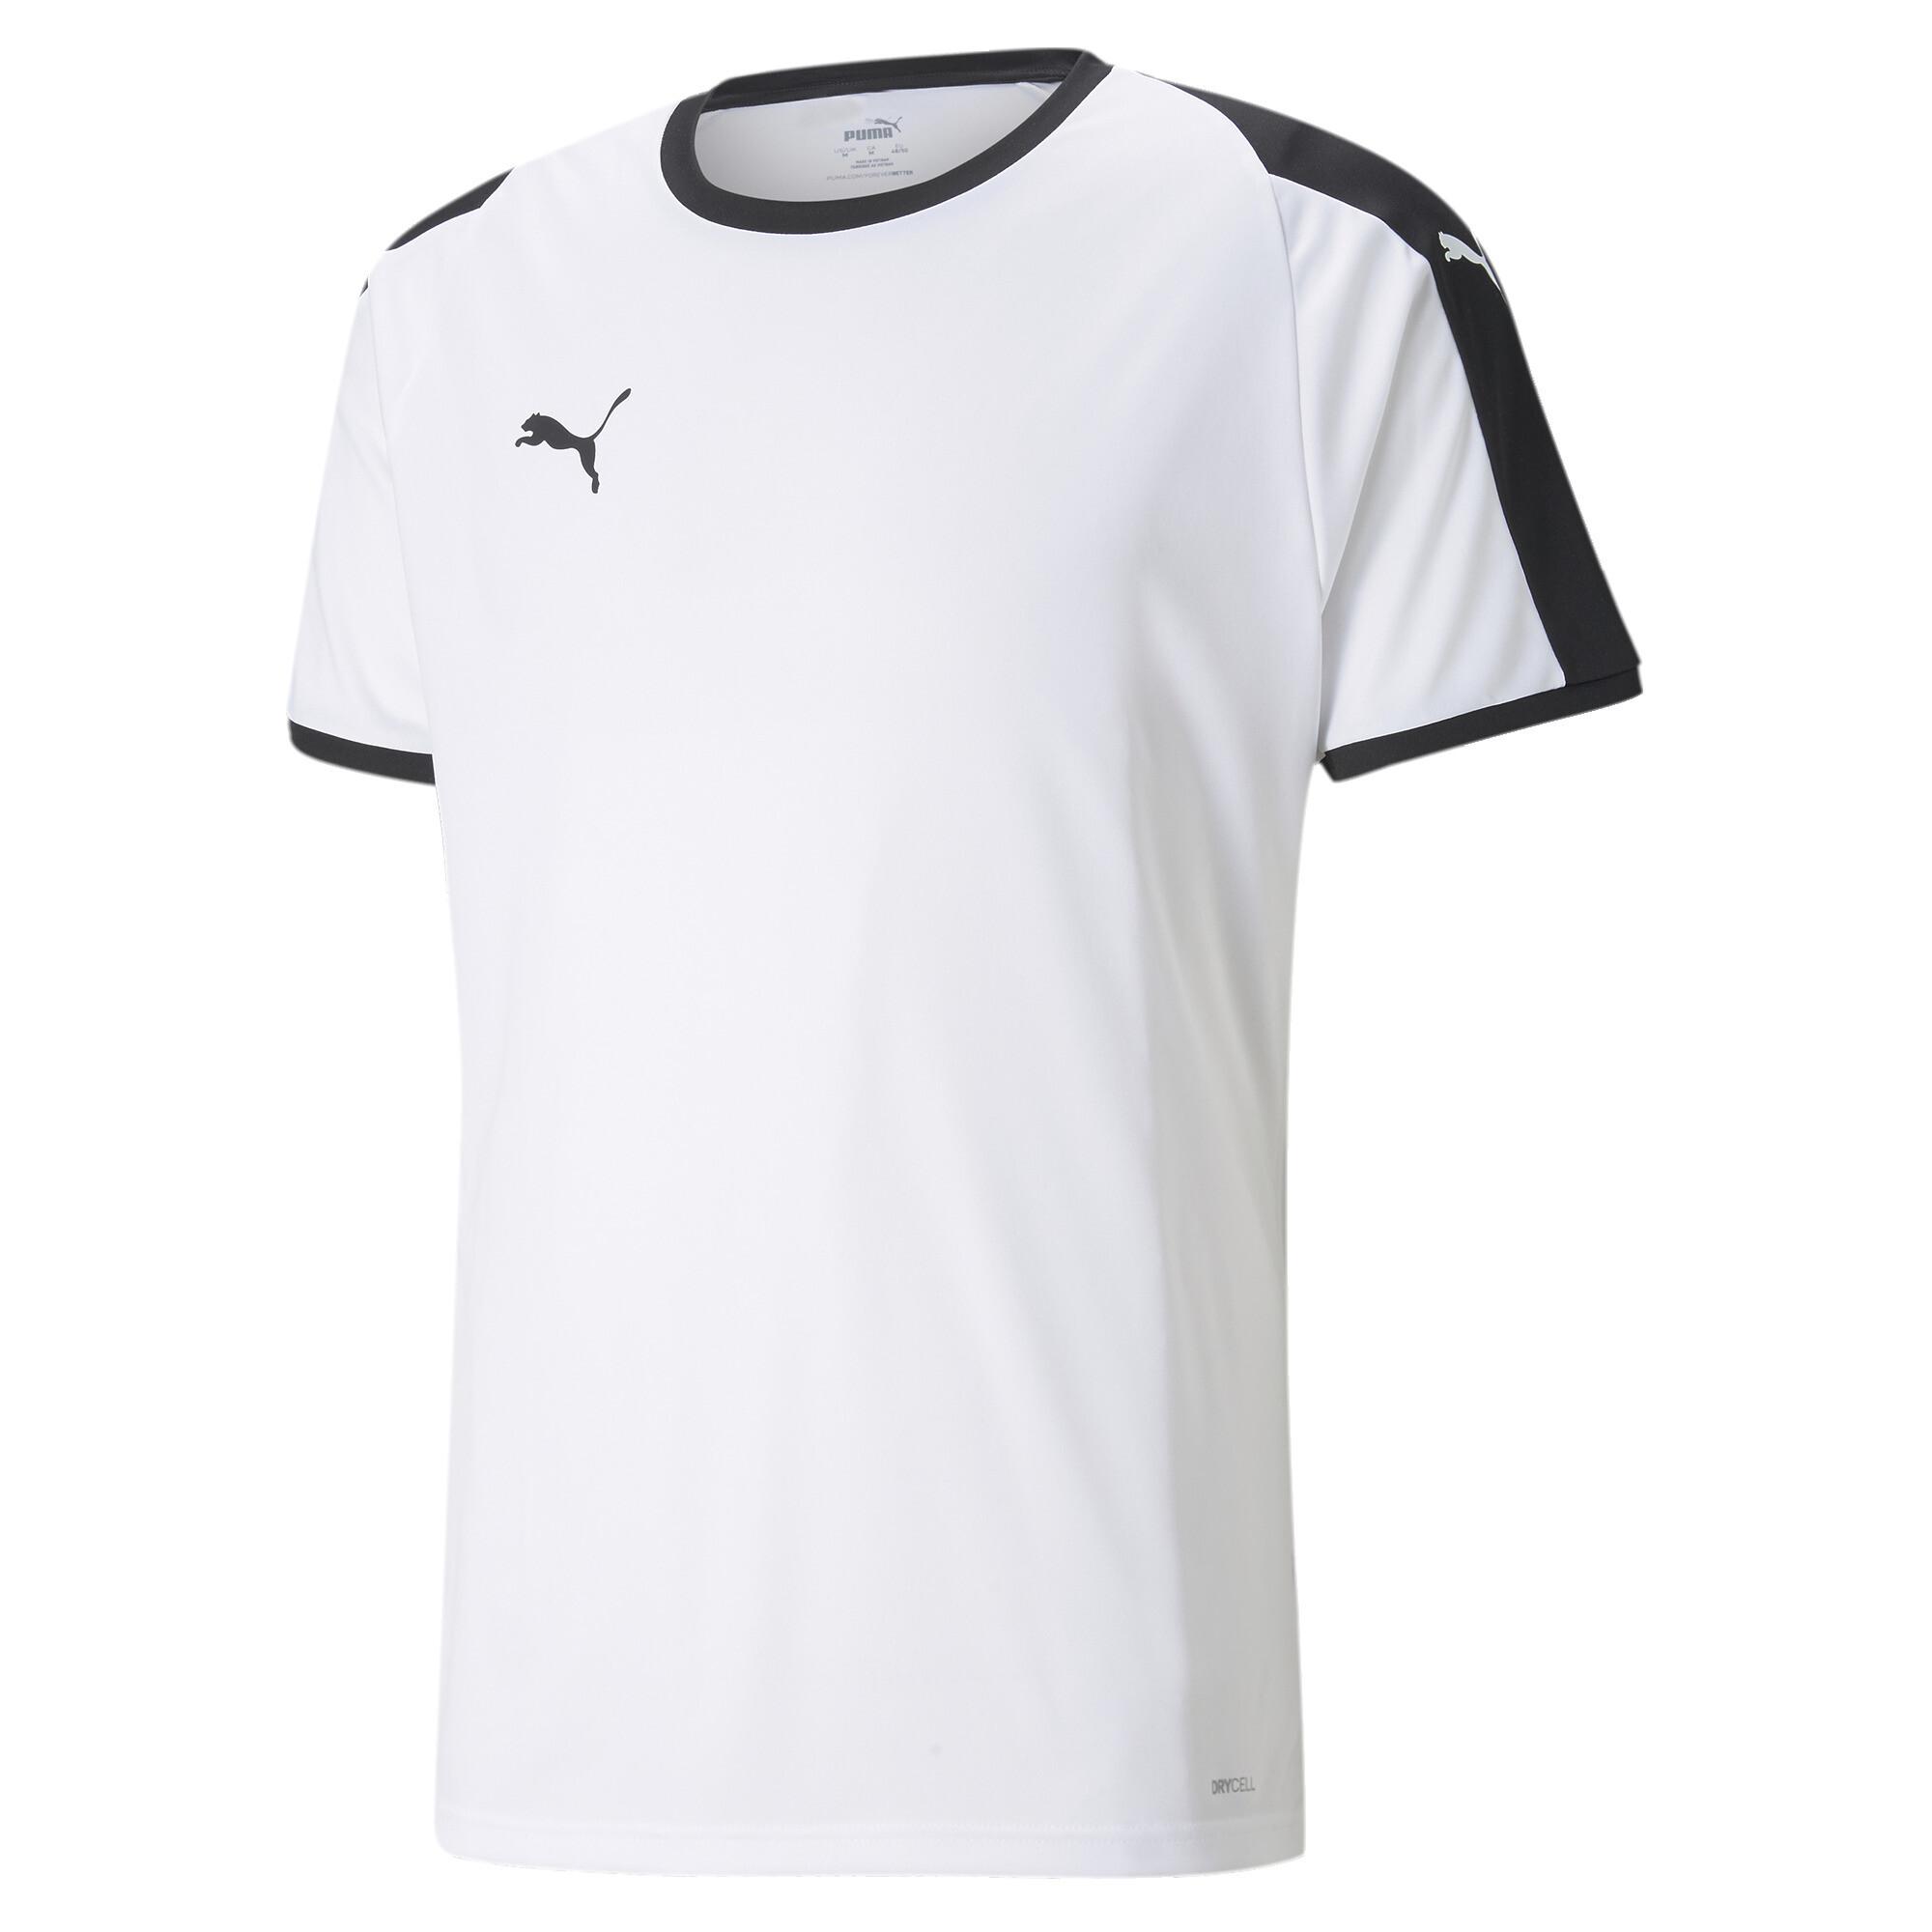 【プーマ公式通販】 プーマ LIGA ゲームシャツ メンズ Puma White-Puma Black |PUMA.com